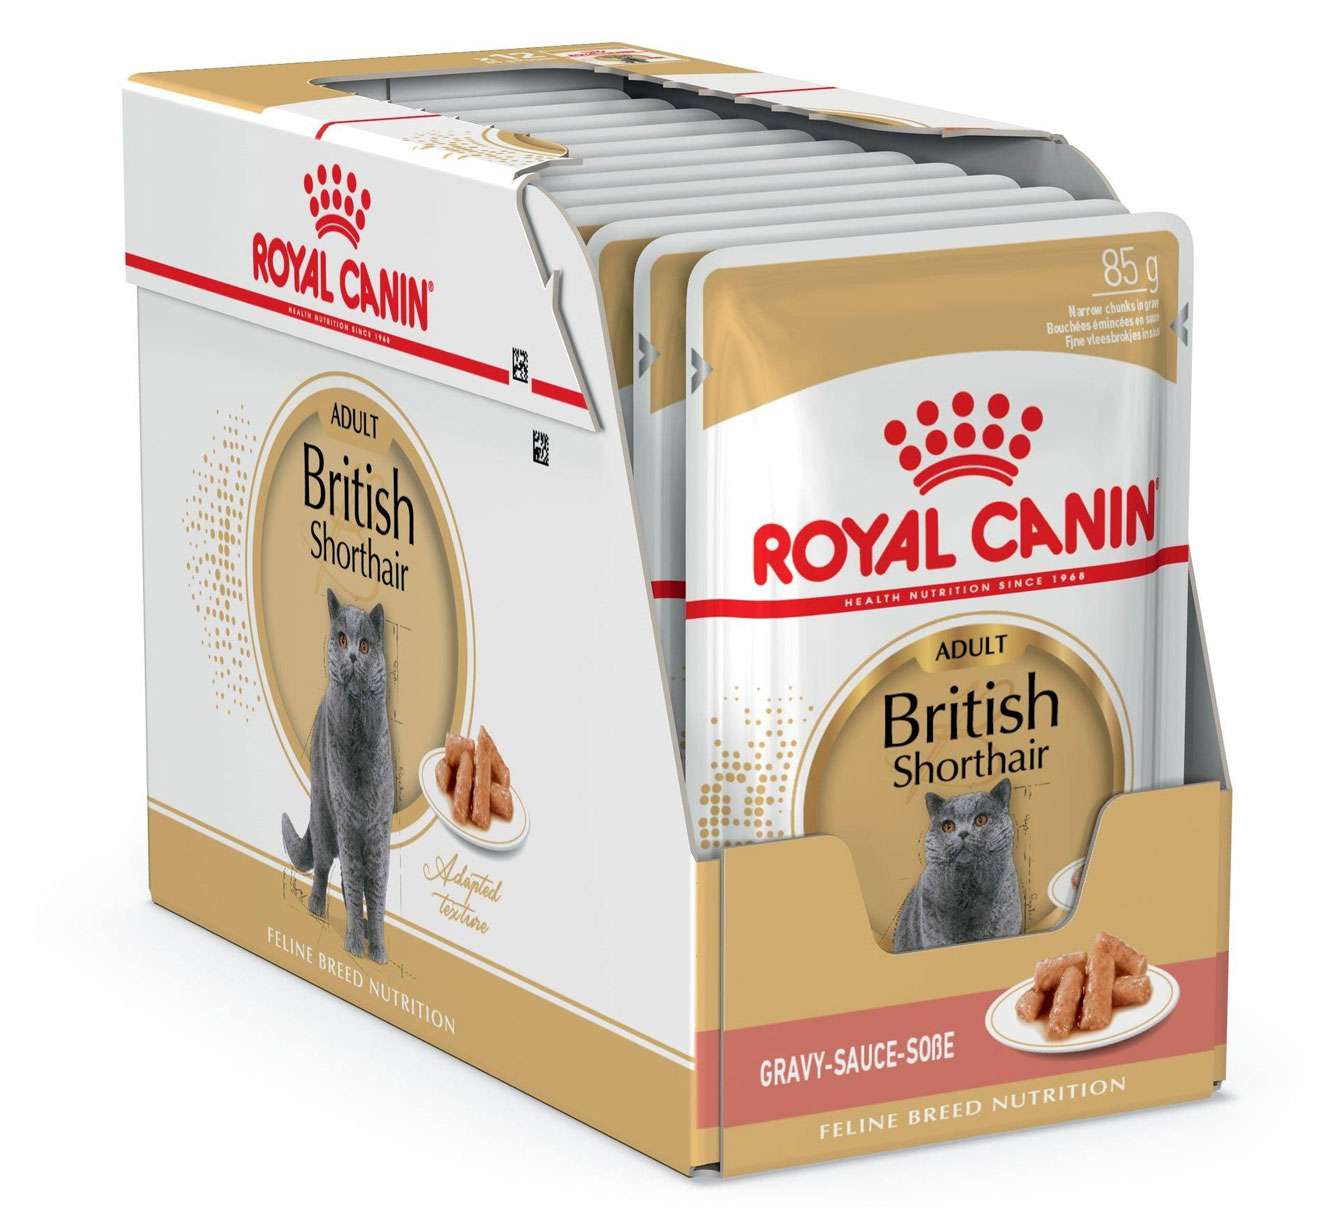 ROYAL CANIN BRITISH SHORTHAIR ADULT – вологий корм для дорослих котів породи британська короткошерста